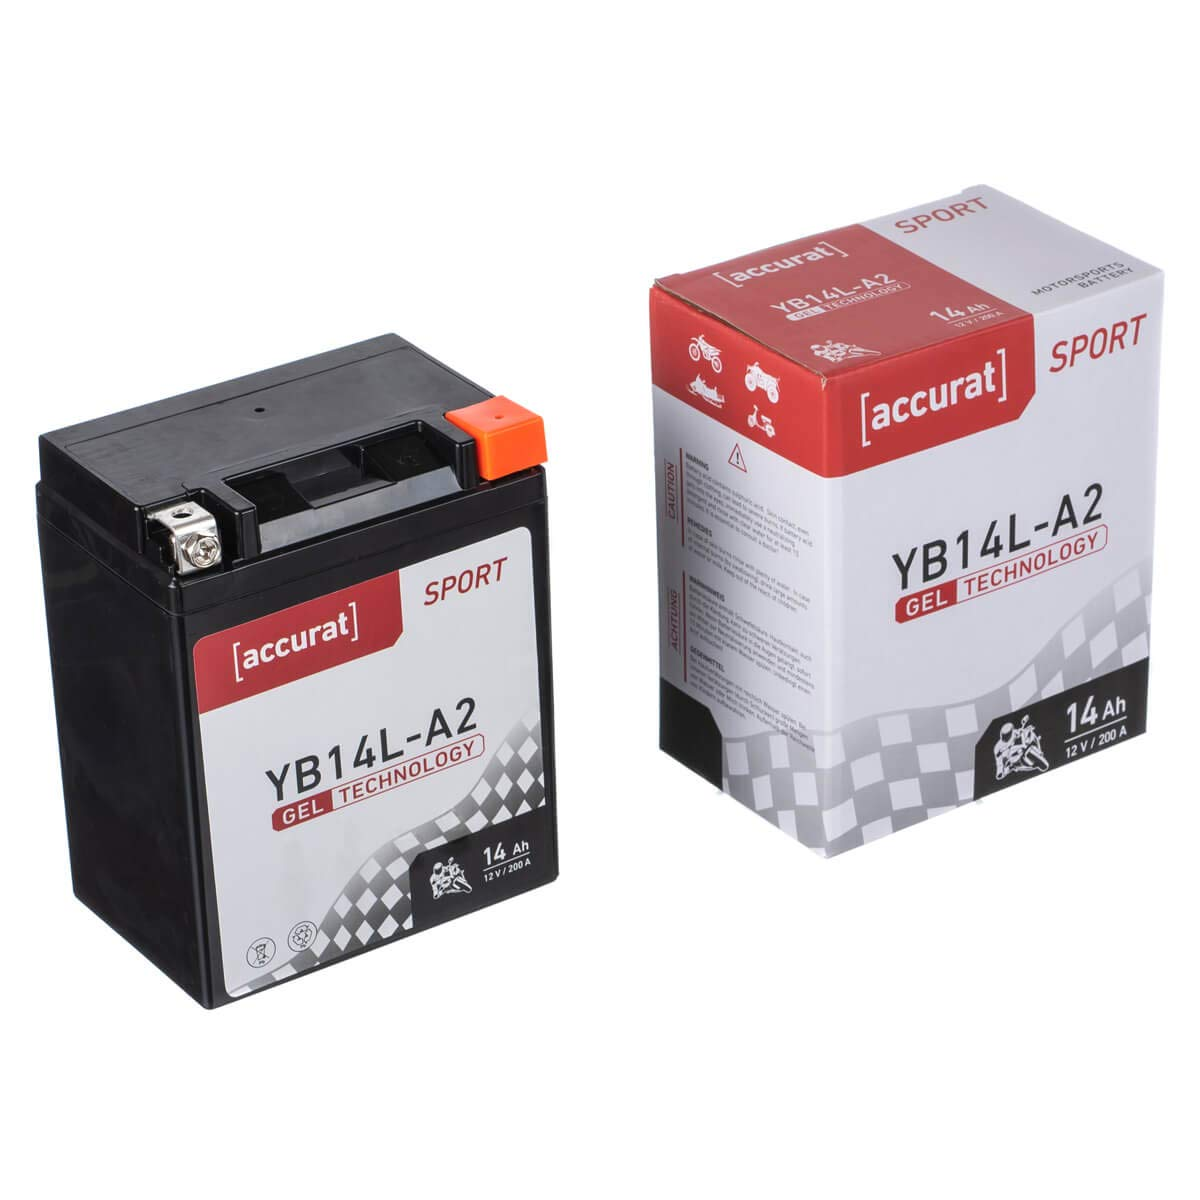 Accurat Motorradbatterie YB12AL-A 12Ah 180A 12V Gel Technologie Starterbatterie in Erstausr/üsterqualit/ät zyklenfest sicher lagerf/ähig wartungsfrei